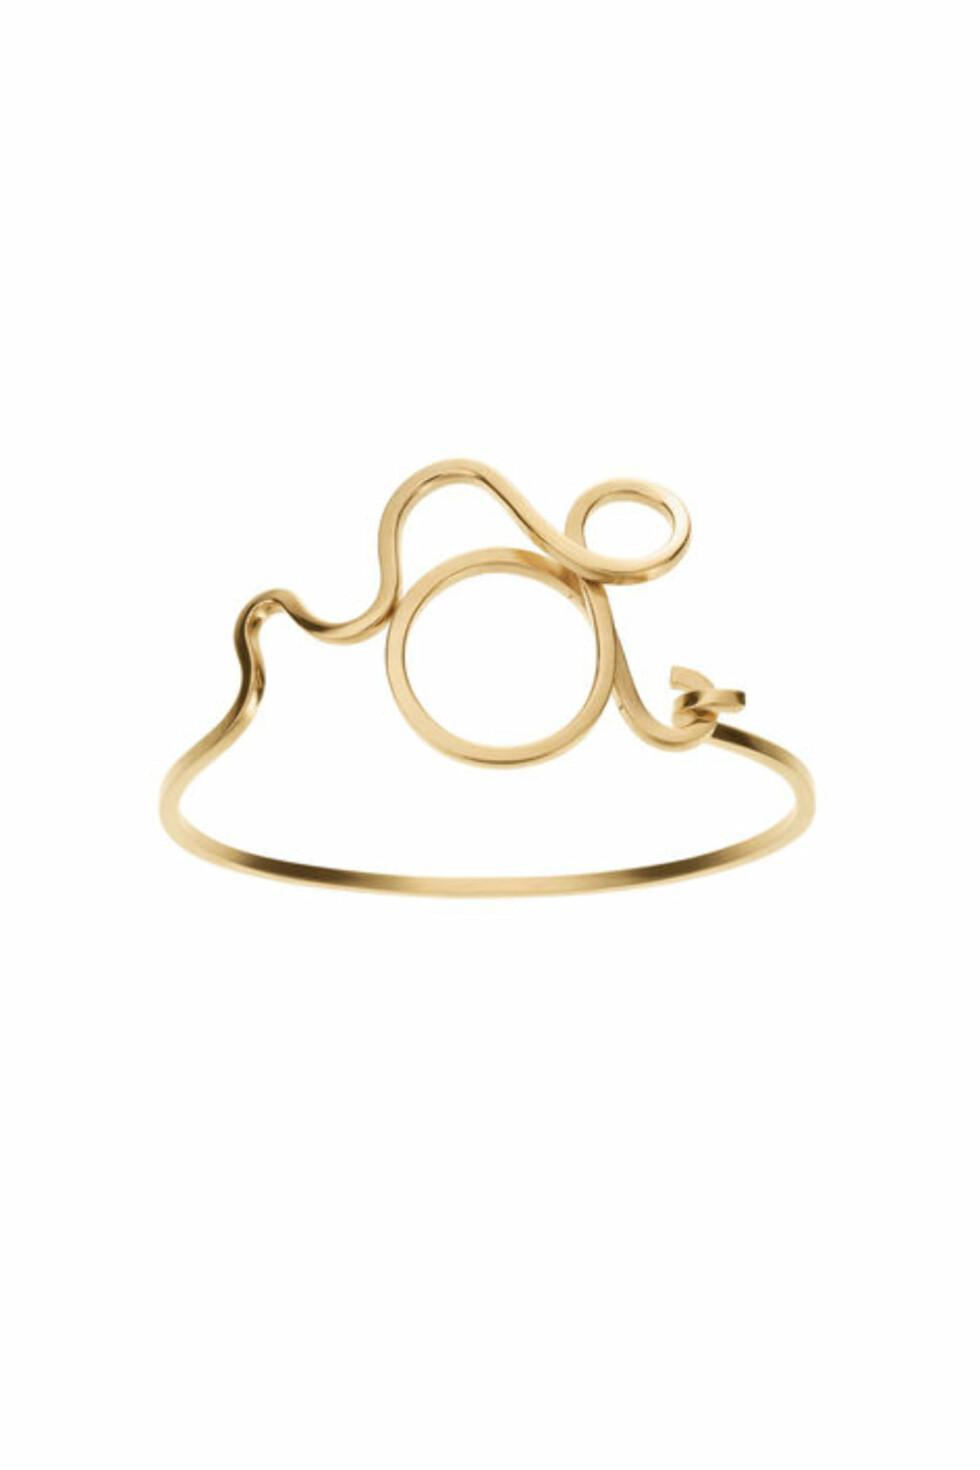 Armbånd fra Ganni x Sophie Bille Brahe | kr 1549 | http://www.ganni.com/shop/accessories/ganni-x-sophie-bille-brahe-bracelet/J1002.html?dwvar_J1002_color=Gold